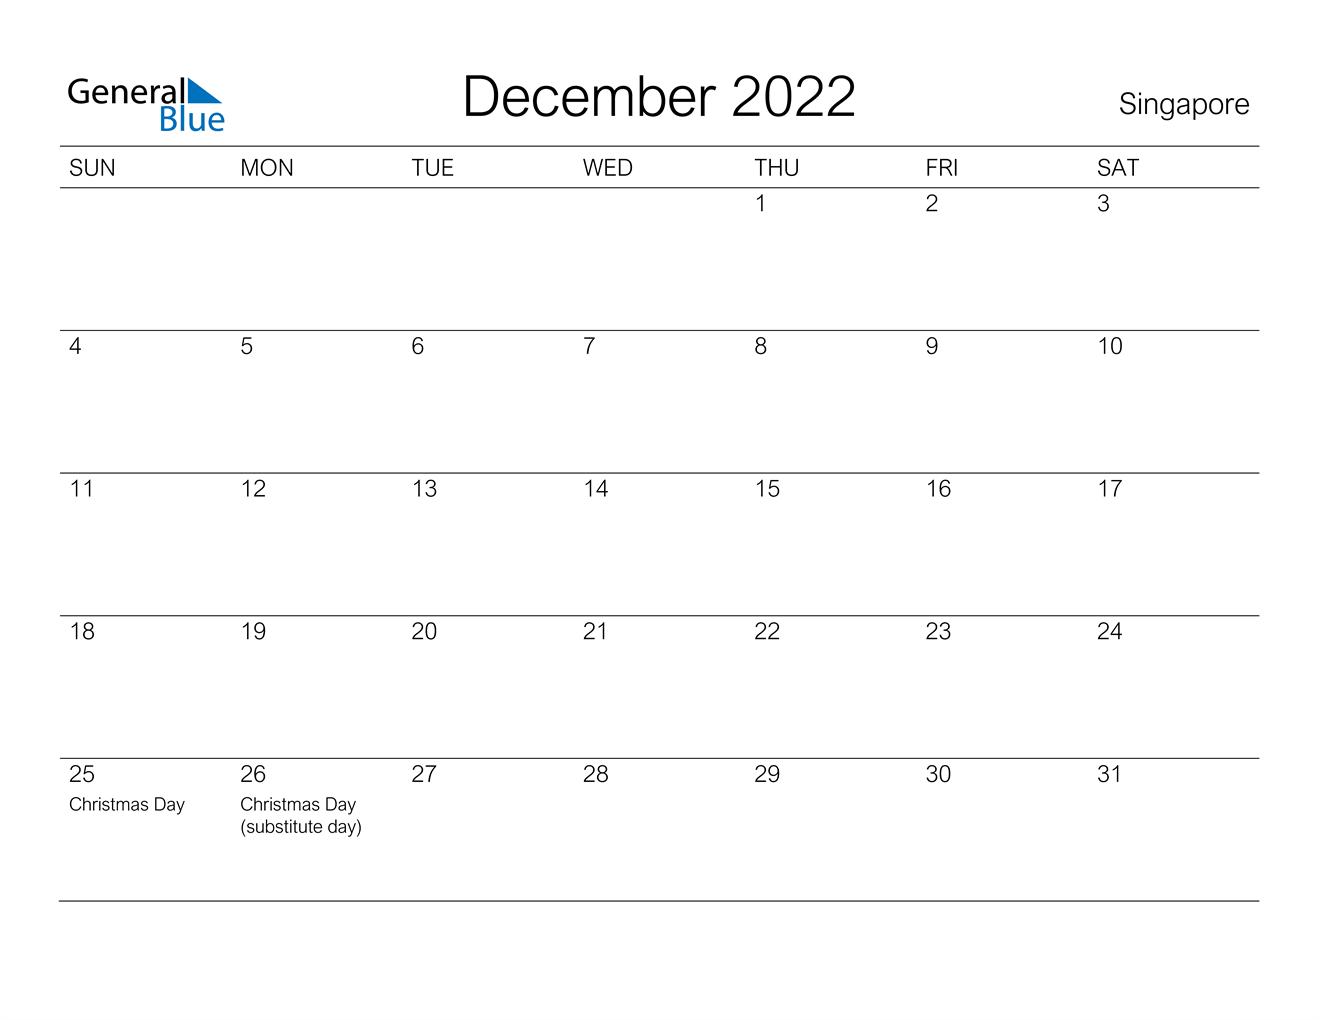 December 2022 Calendar - Singapore